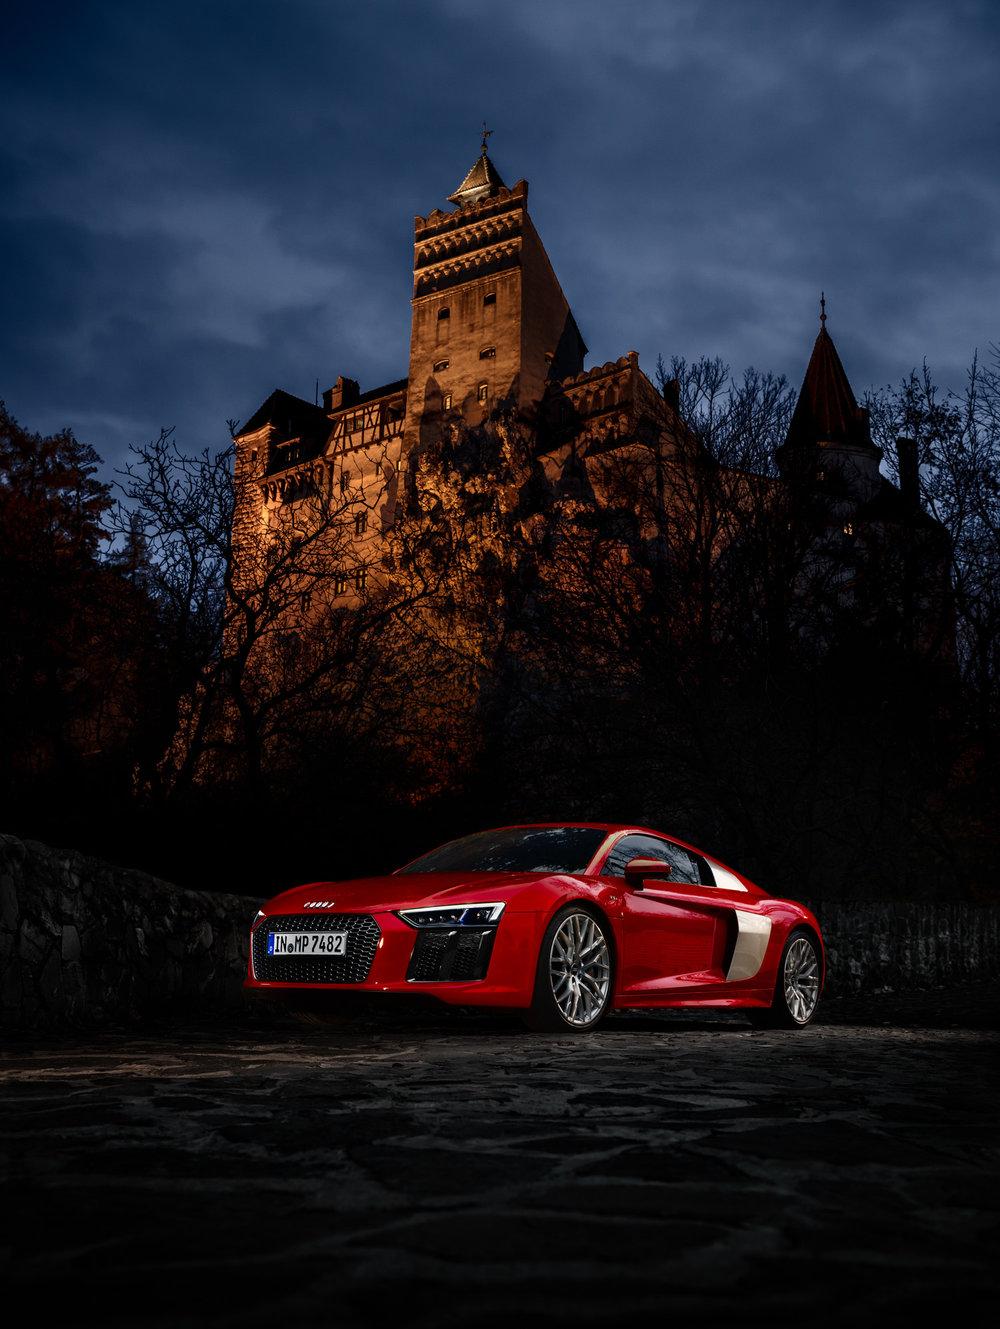 C_AUDI_161027_Castle_3Q_V3.jpg